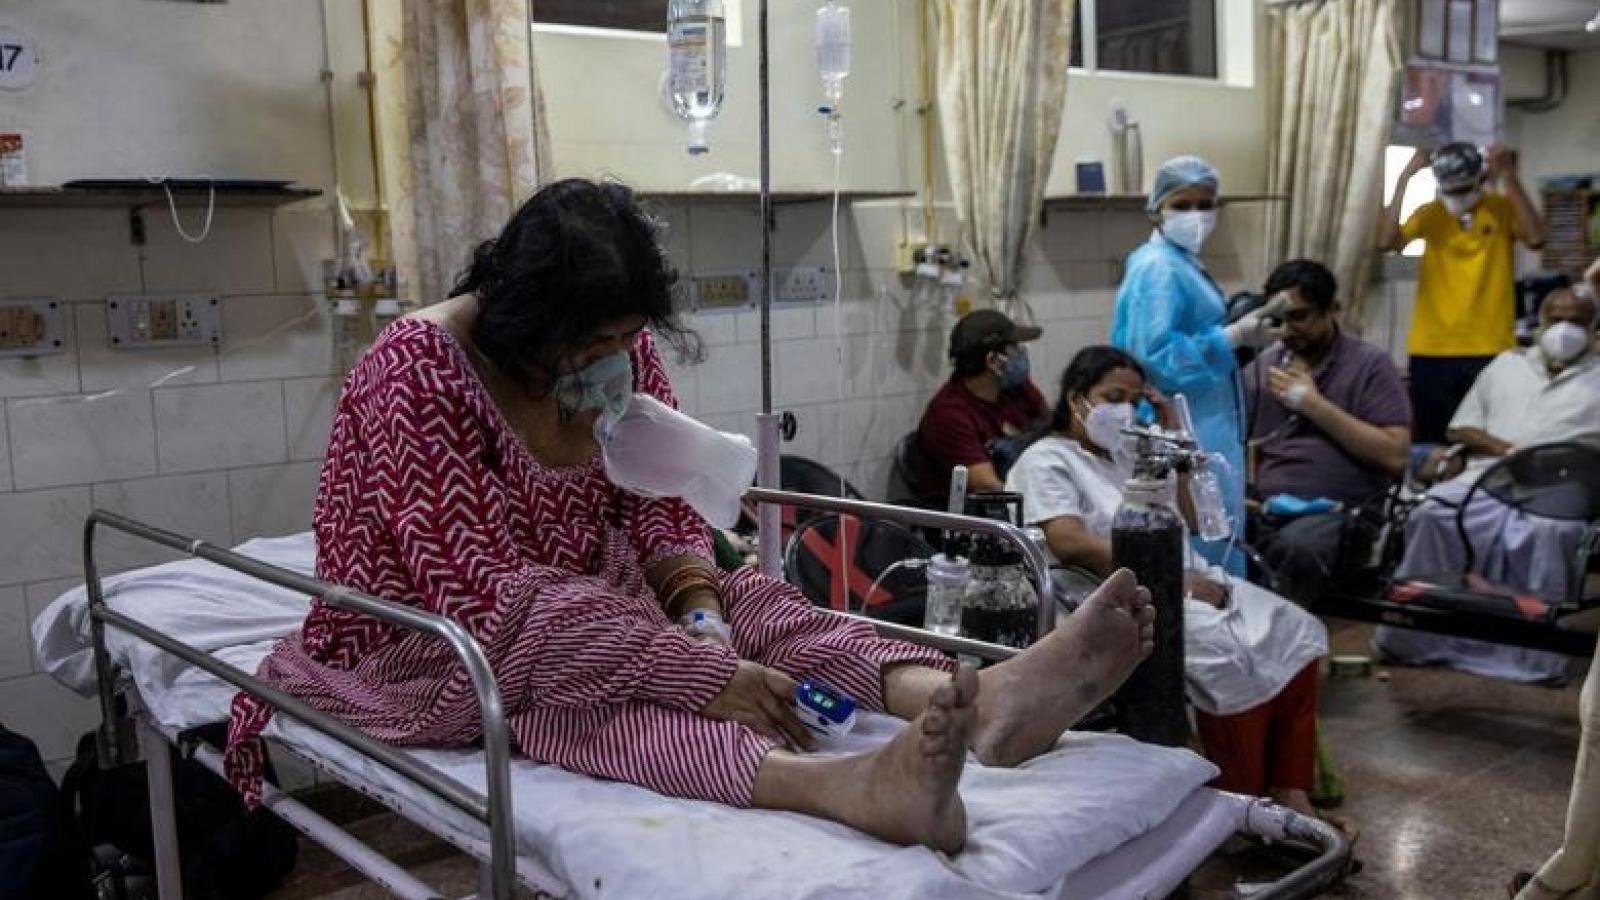 Ấn Độ huy động bác sỹ, y tá thực tập tham gia chống dịch Covid-19